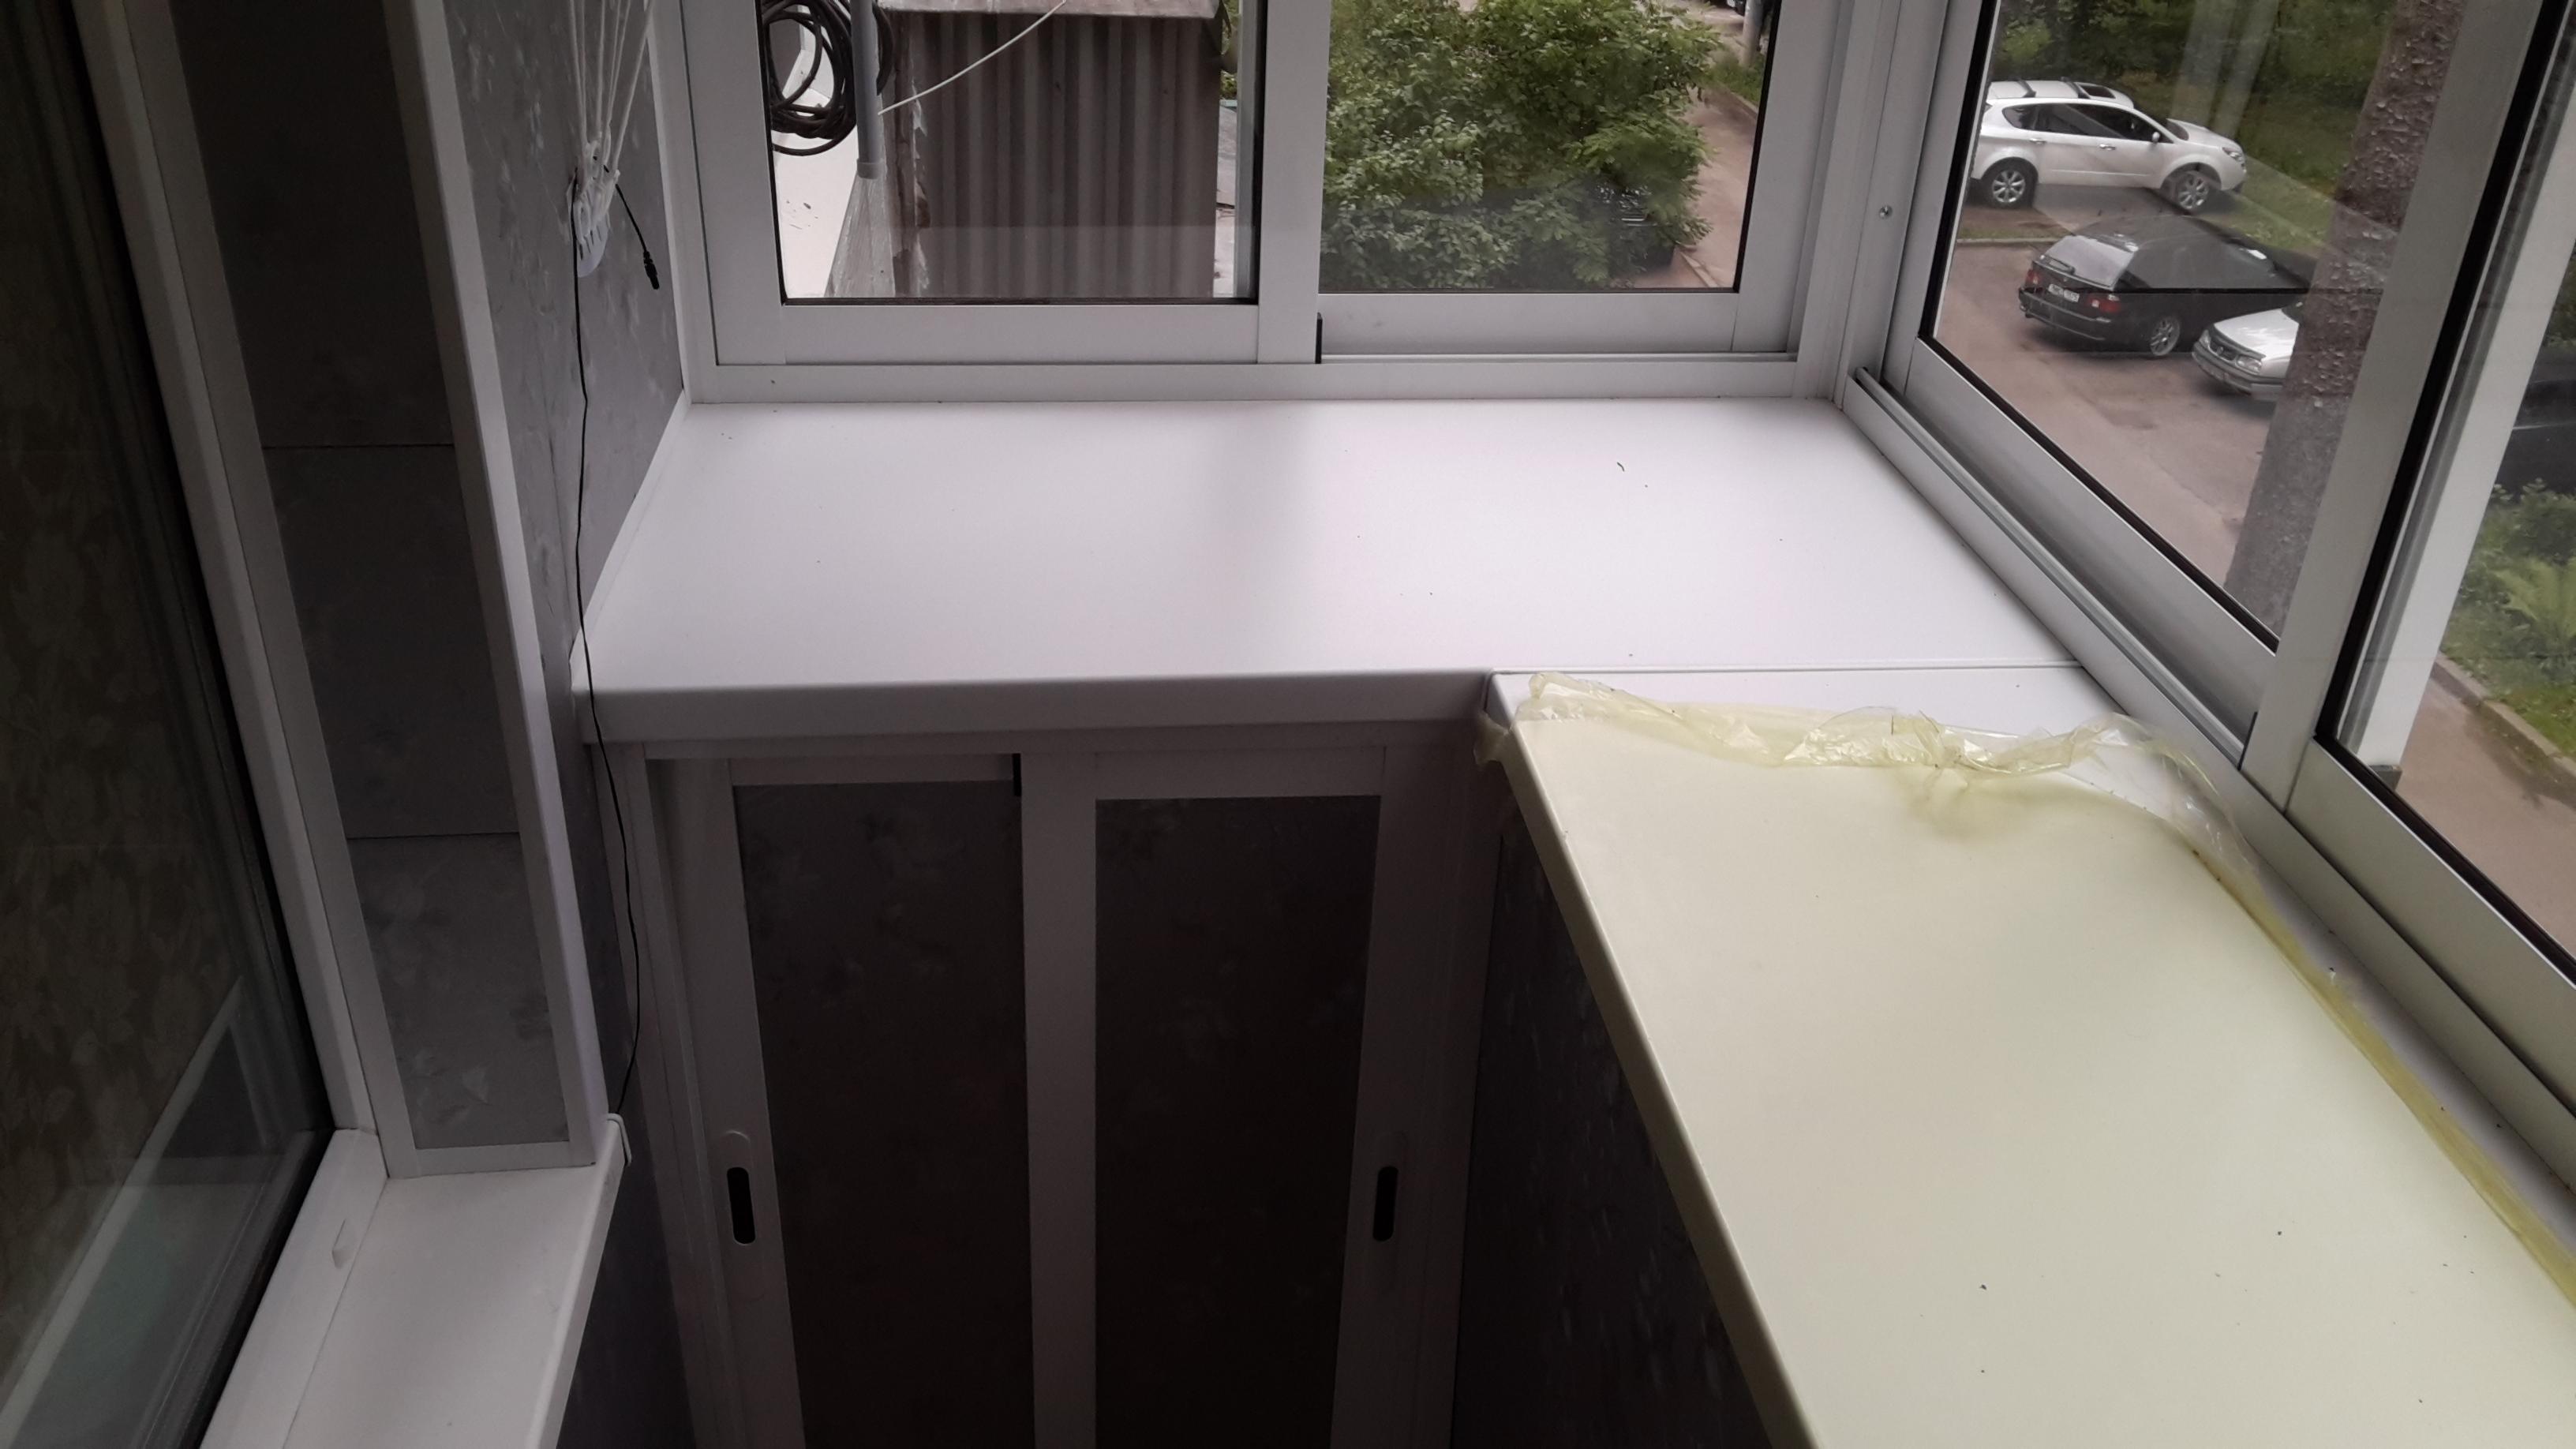 Мебель для лоджии: фото мебели и встренных шкафов для балкон.